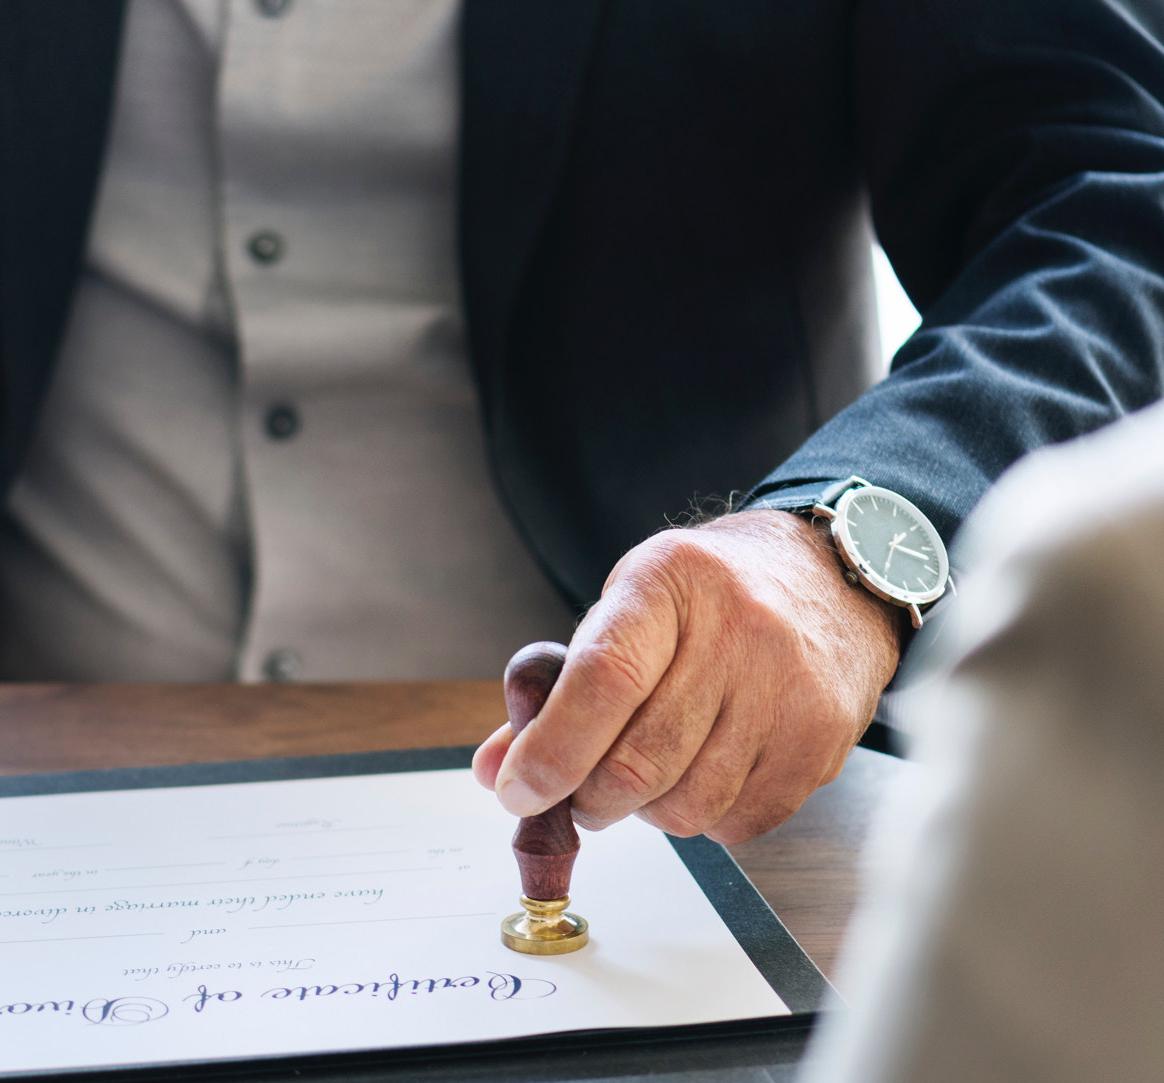 notario proyecto ley hipotecaria El proyecto de Ley Hipotecaria pretende que los notarios evalúen la competencia financiera del cliente